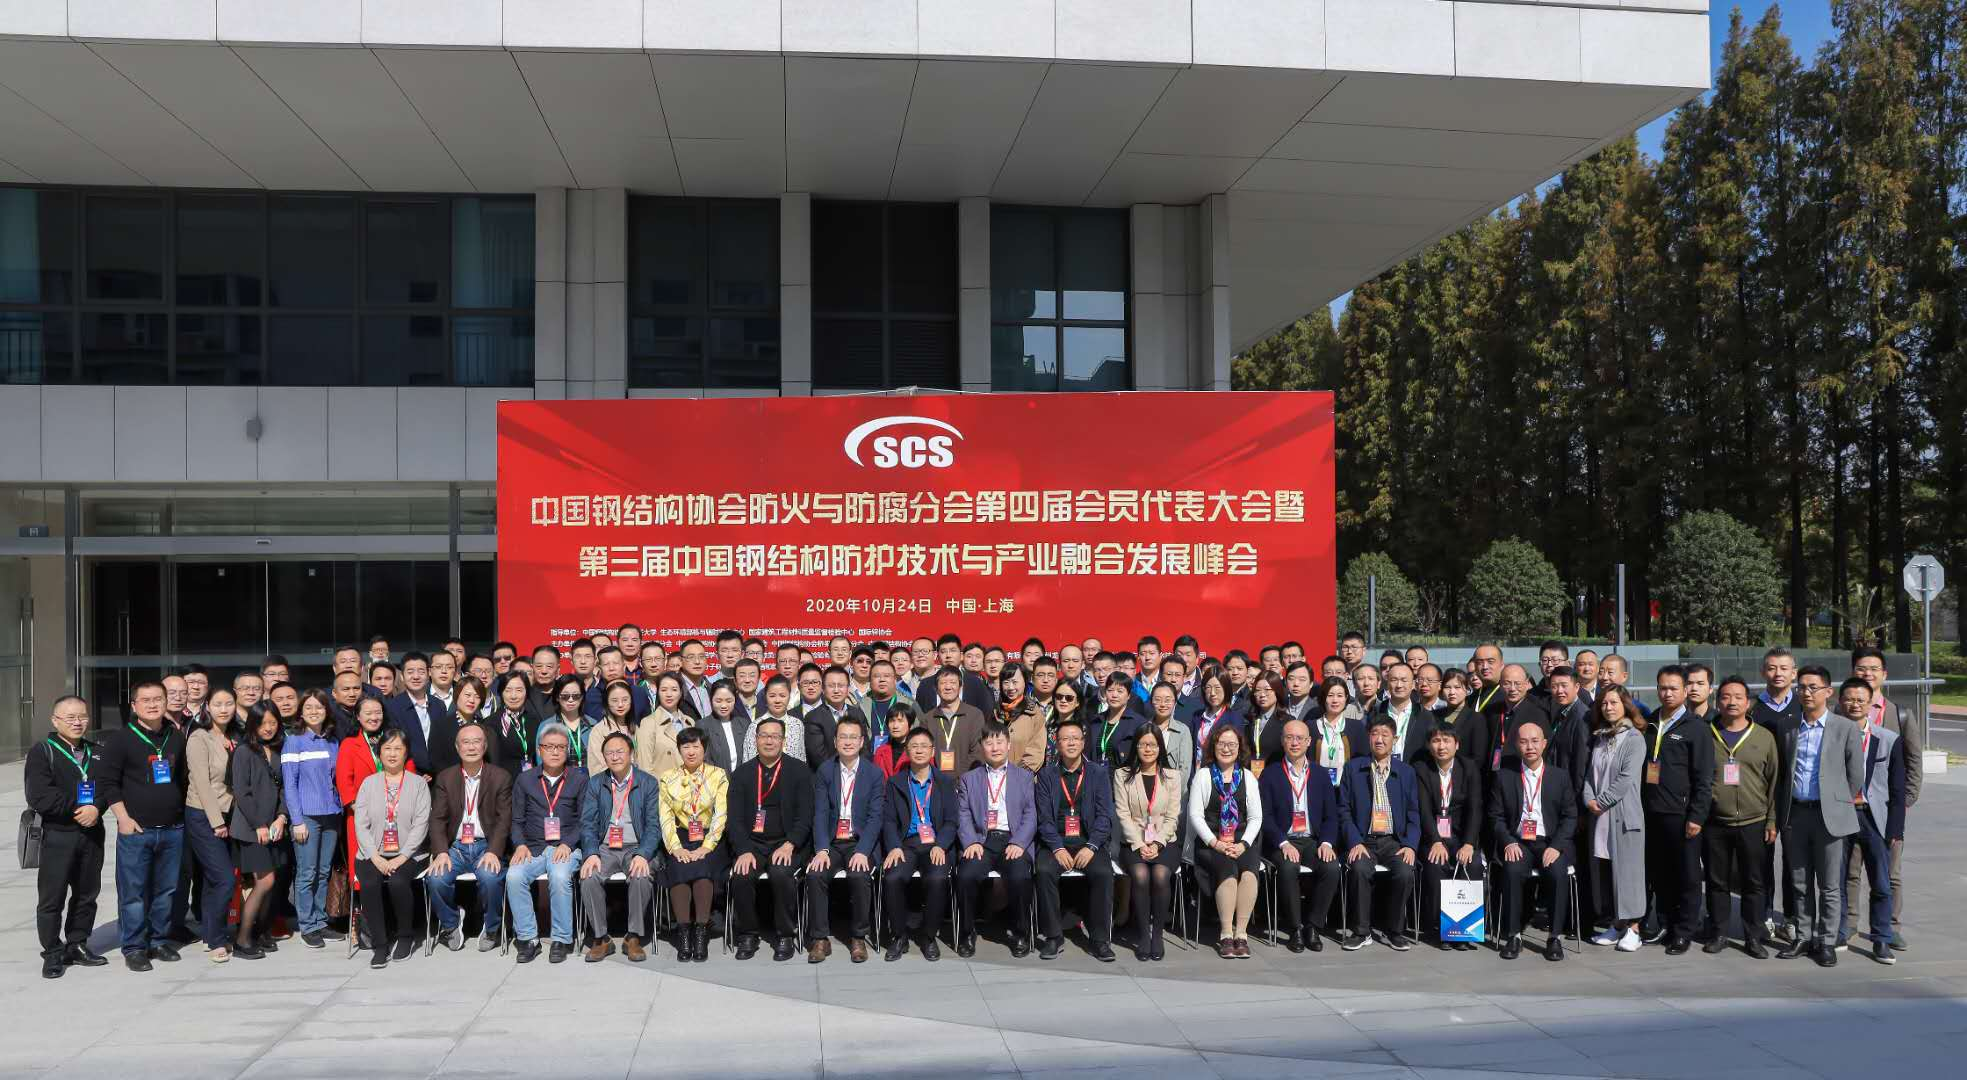 上海暄洋化工材料科技有限公司当选为中国钢结构协会防火与防腐分会第四届理事会理事单位